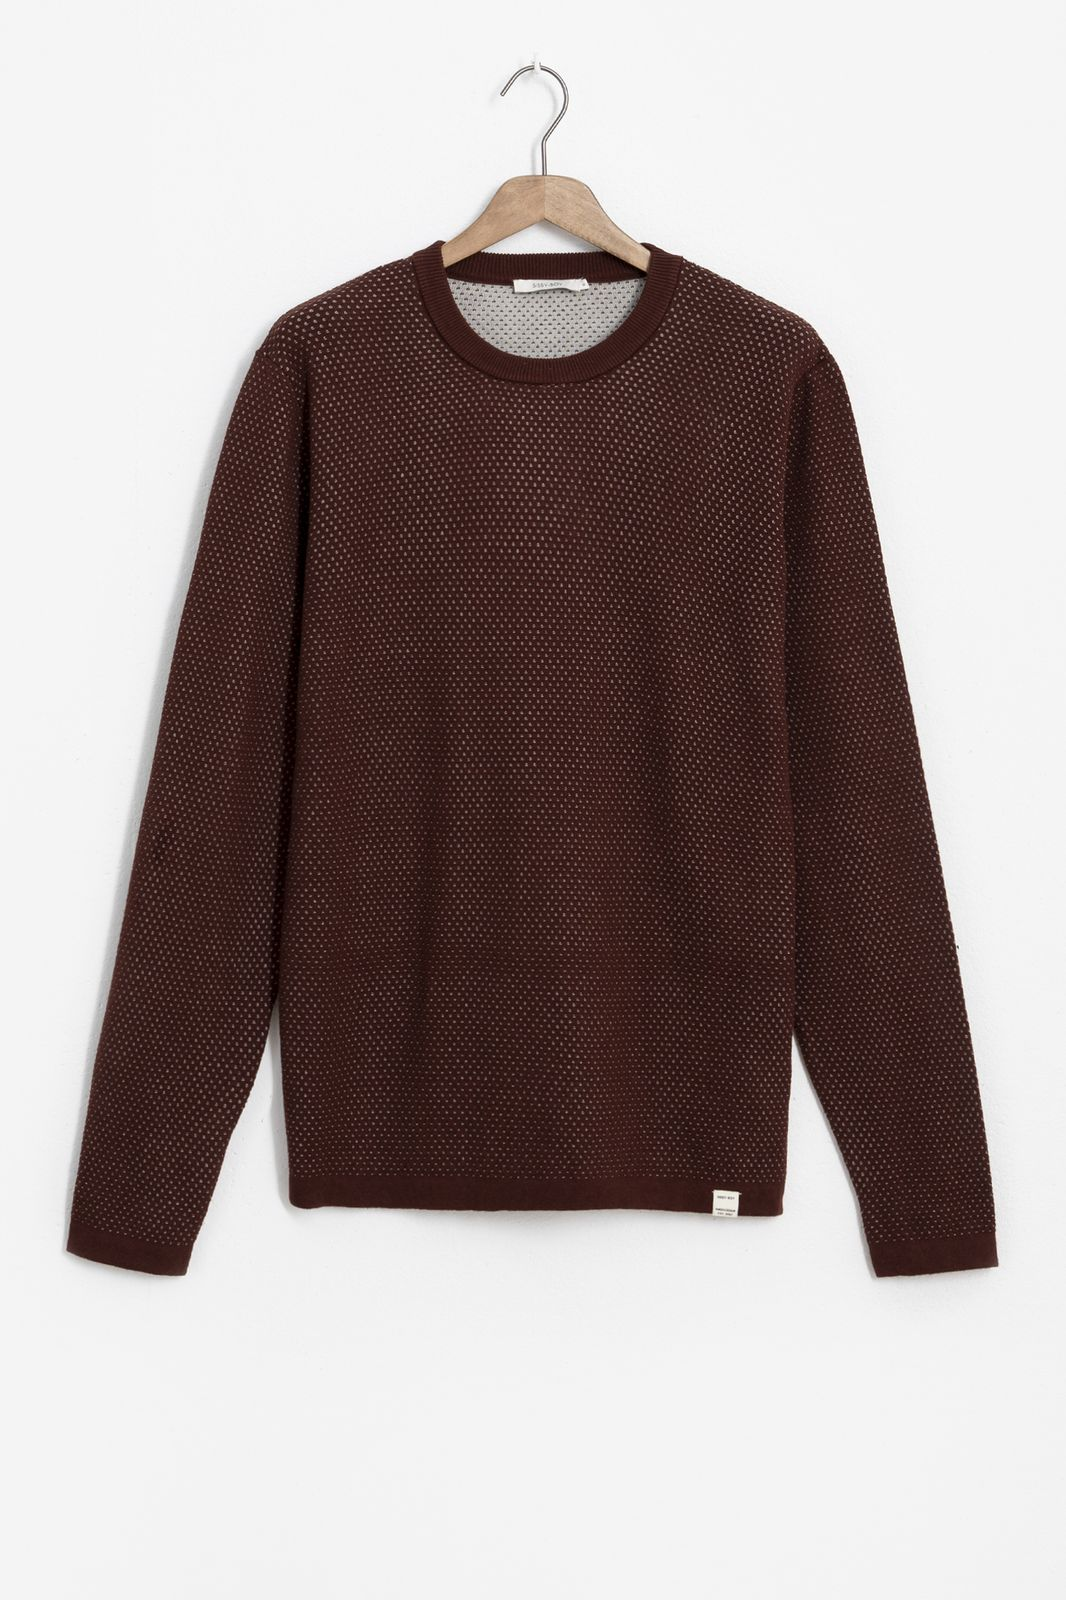 Bruine katoenen trui met gebreide structuur - Heren | Sissy-Boy